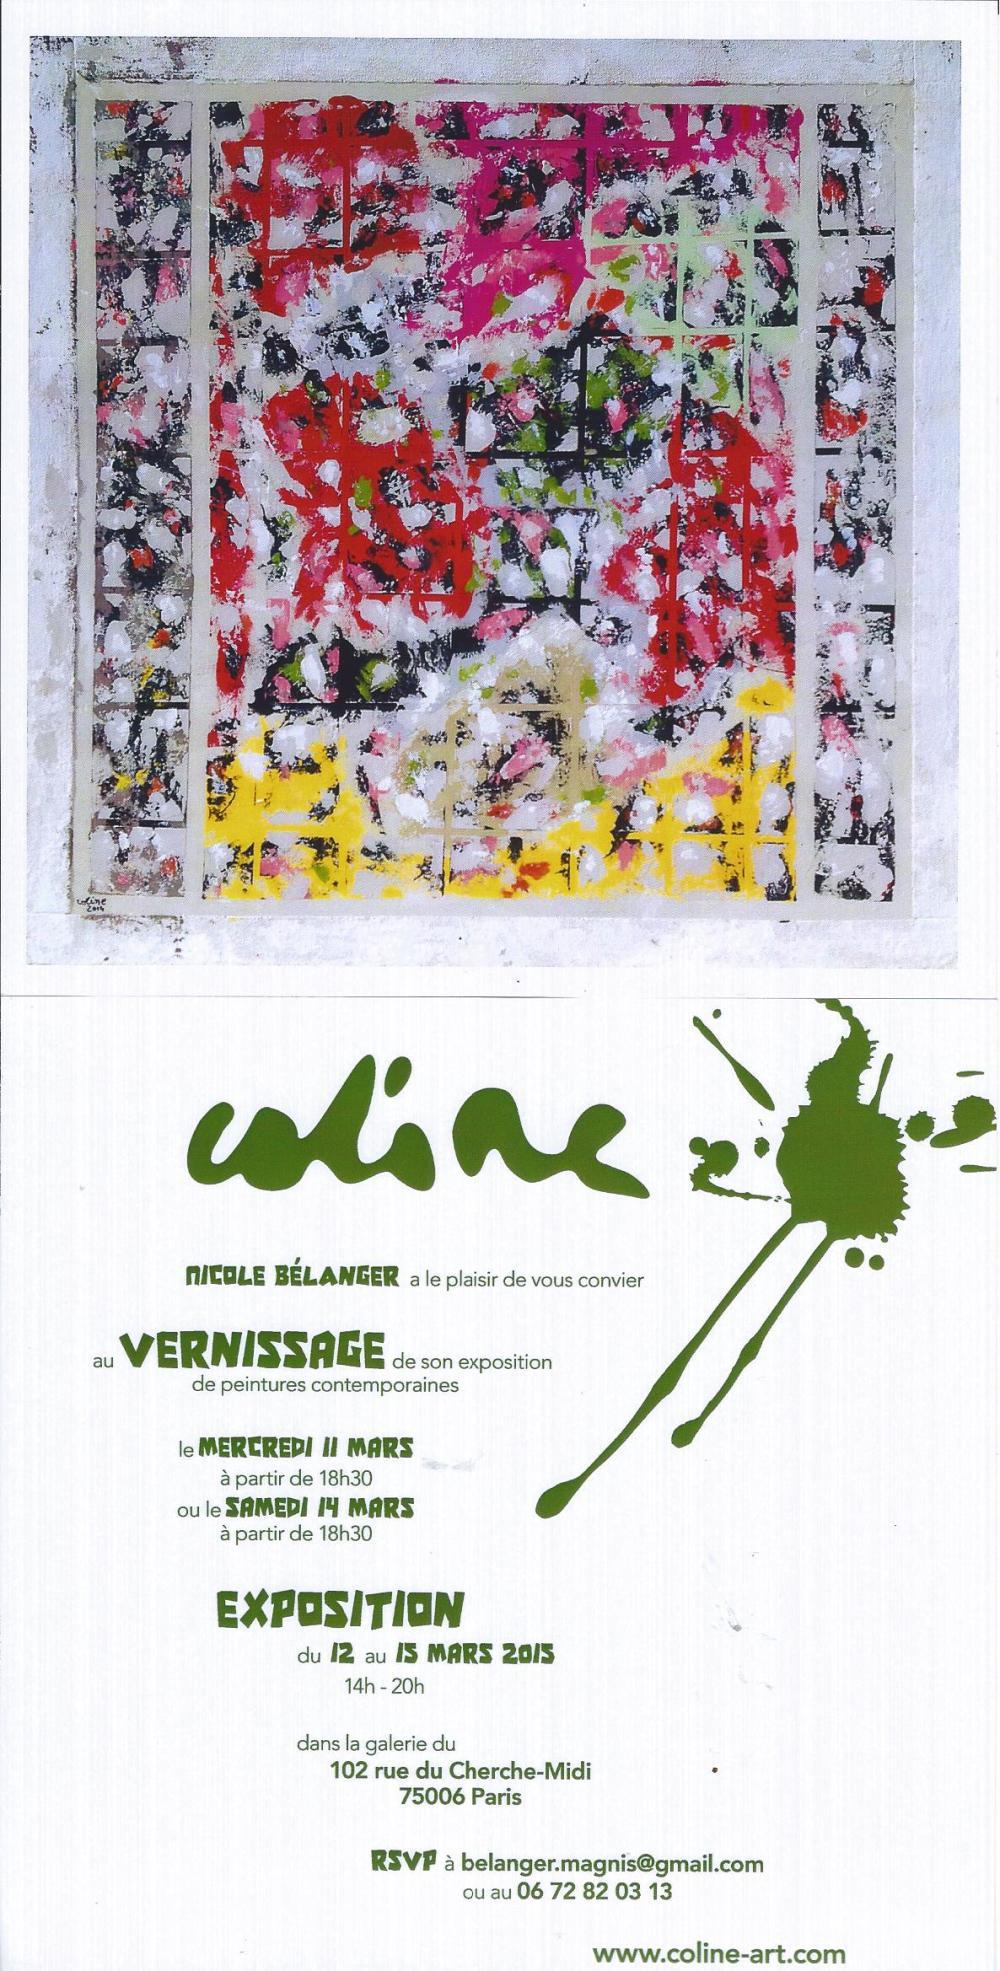 Image (14)